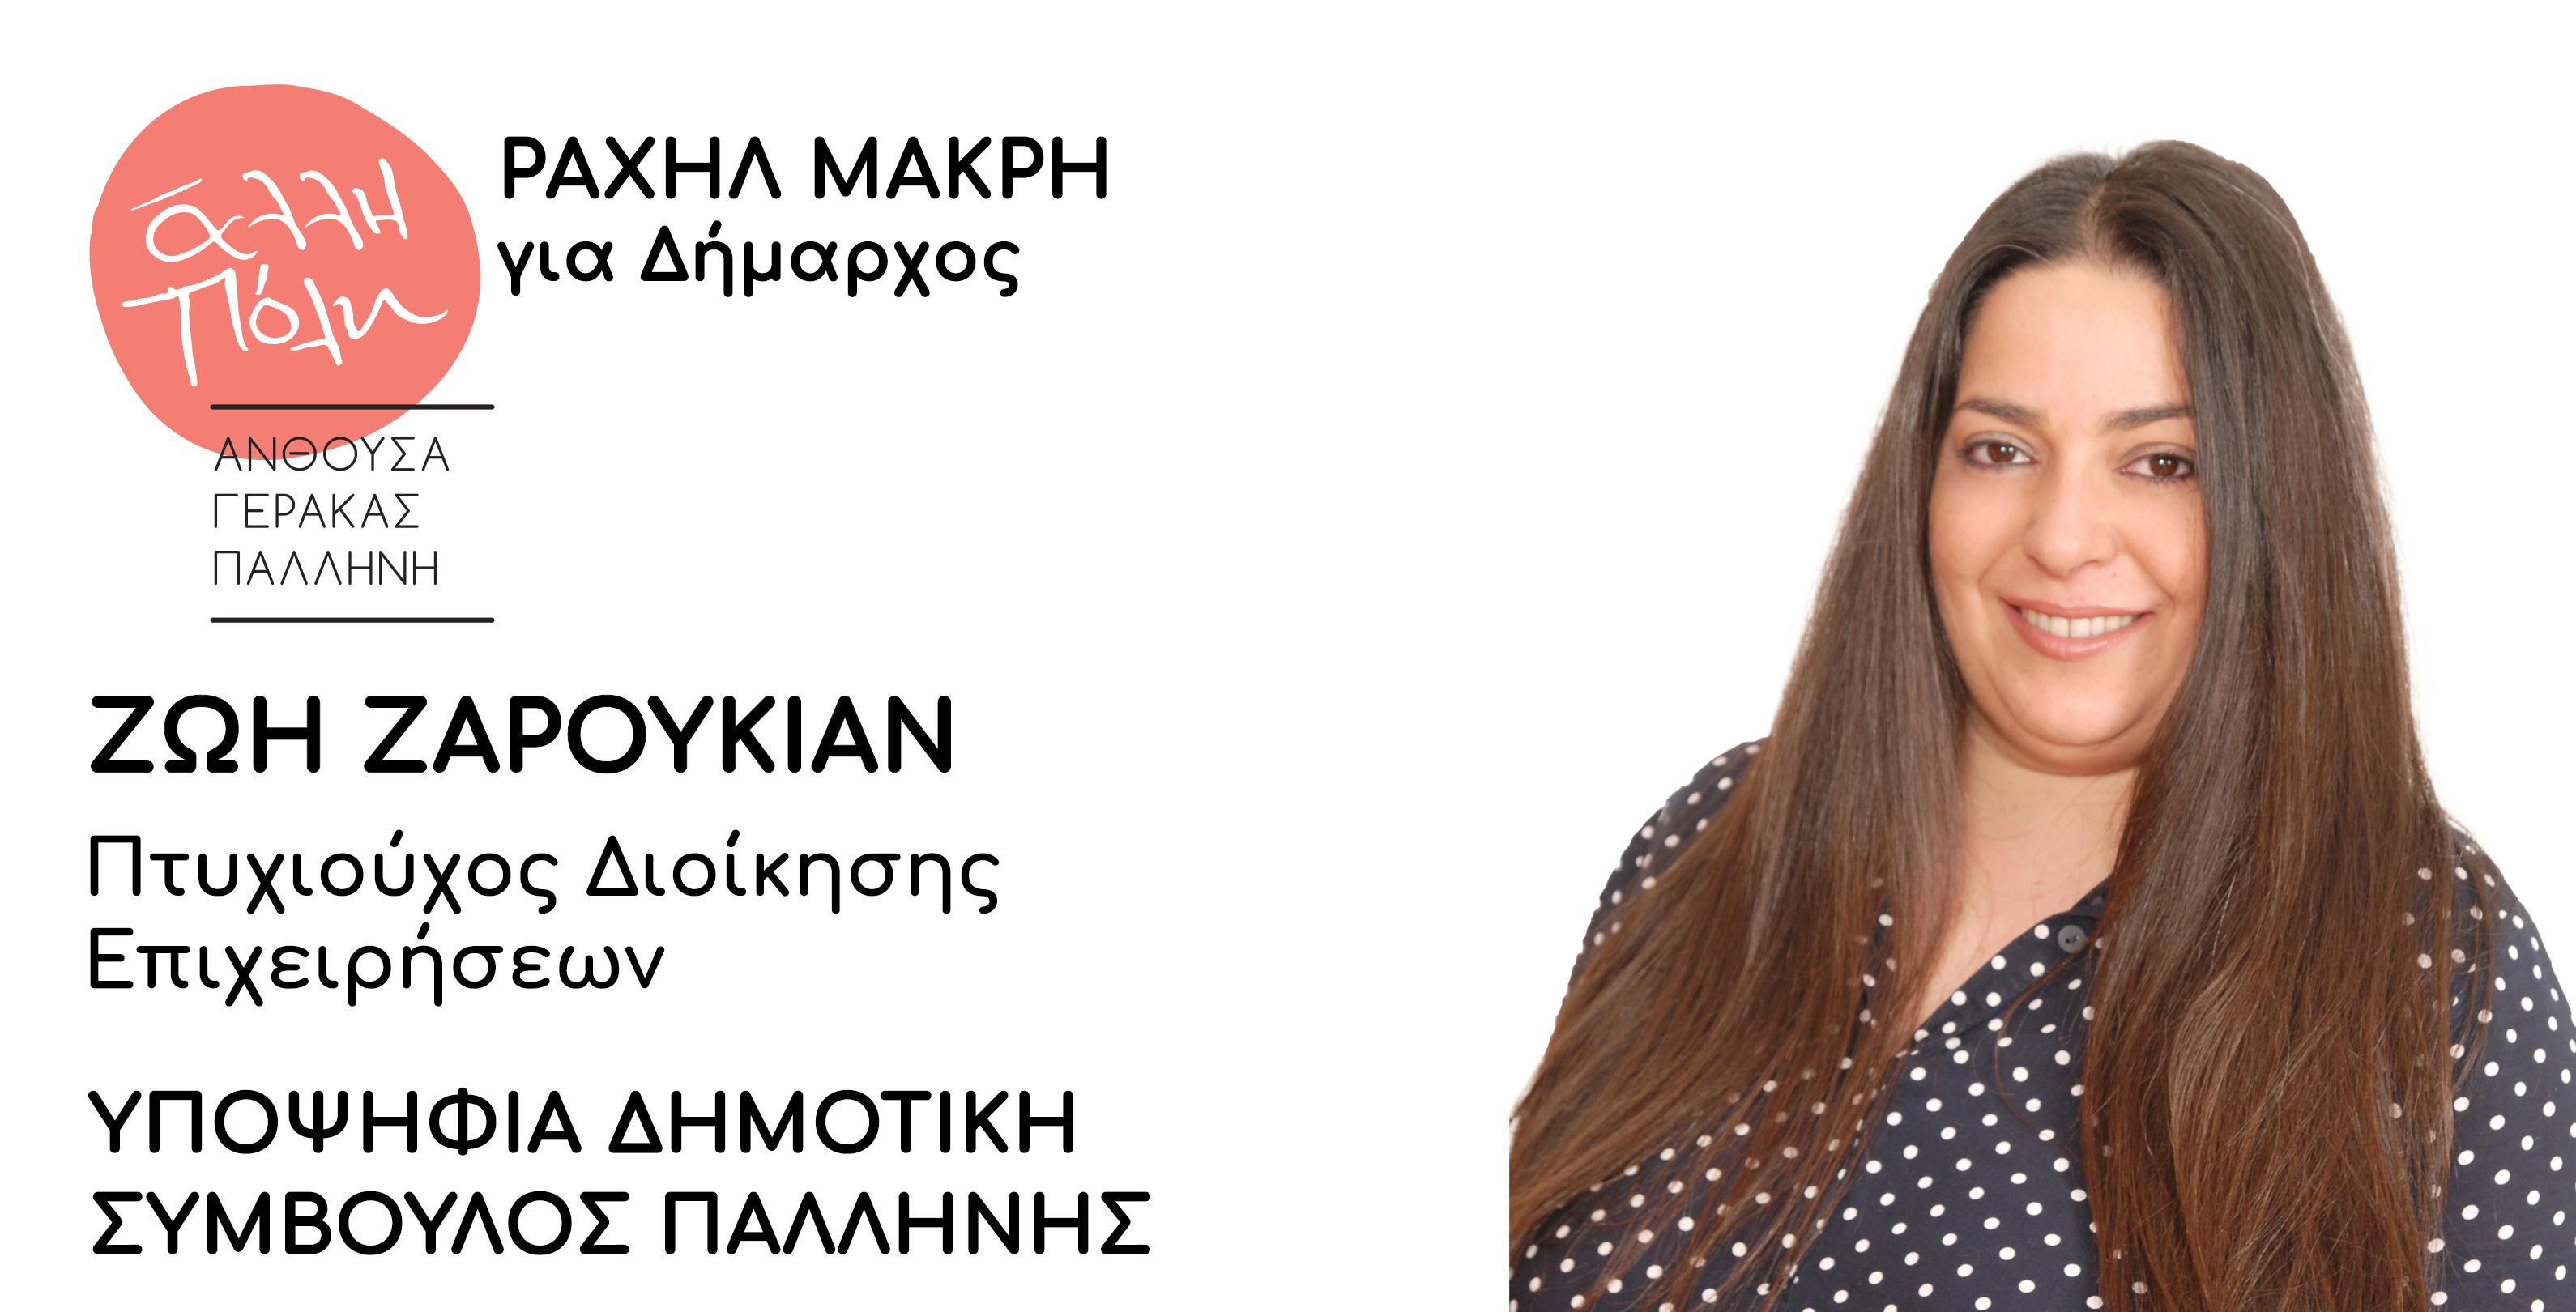 Υποψήφια Δημοτική Σύμβουλος – Ζωή Ζαρουκιάν